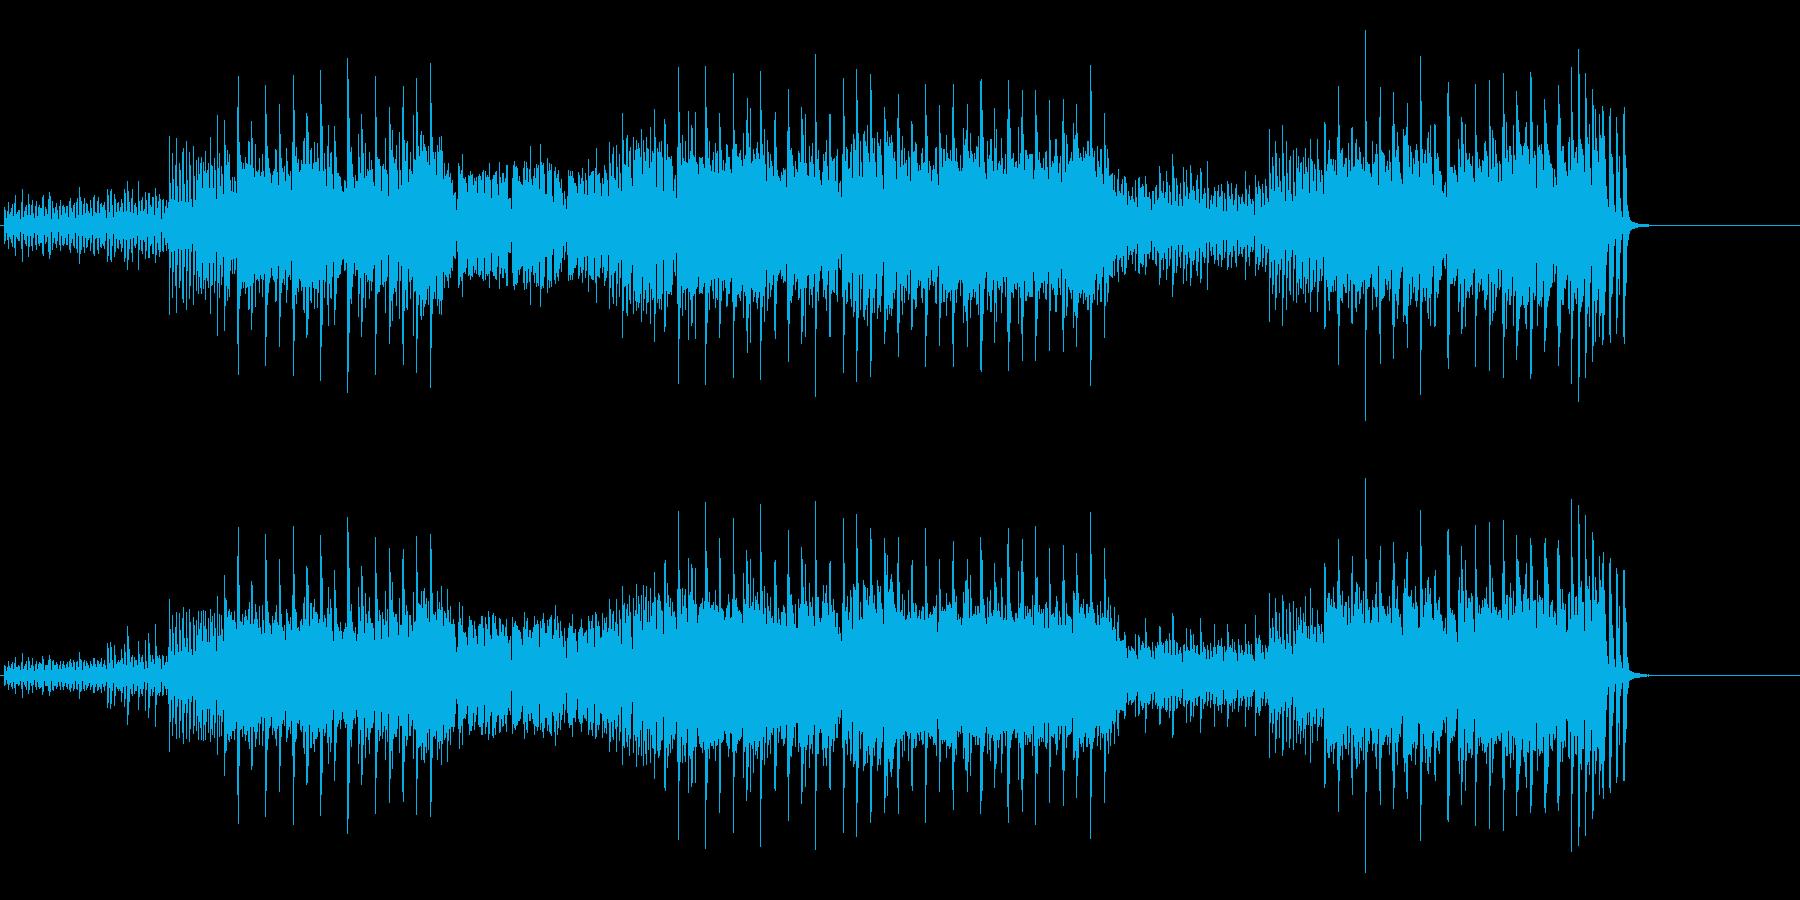 テクノ風味のエレクトリック・ポップスの再生済みの波形